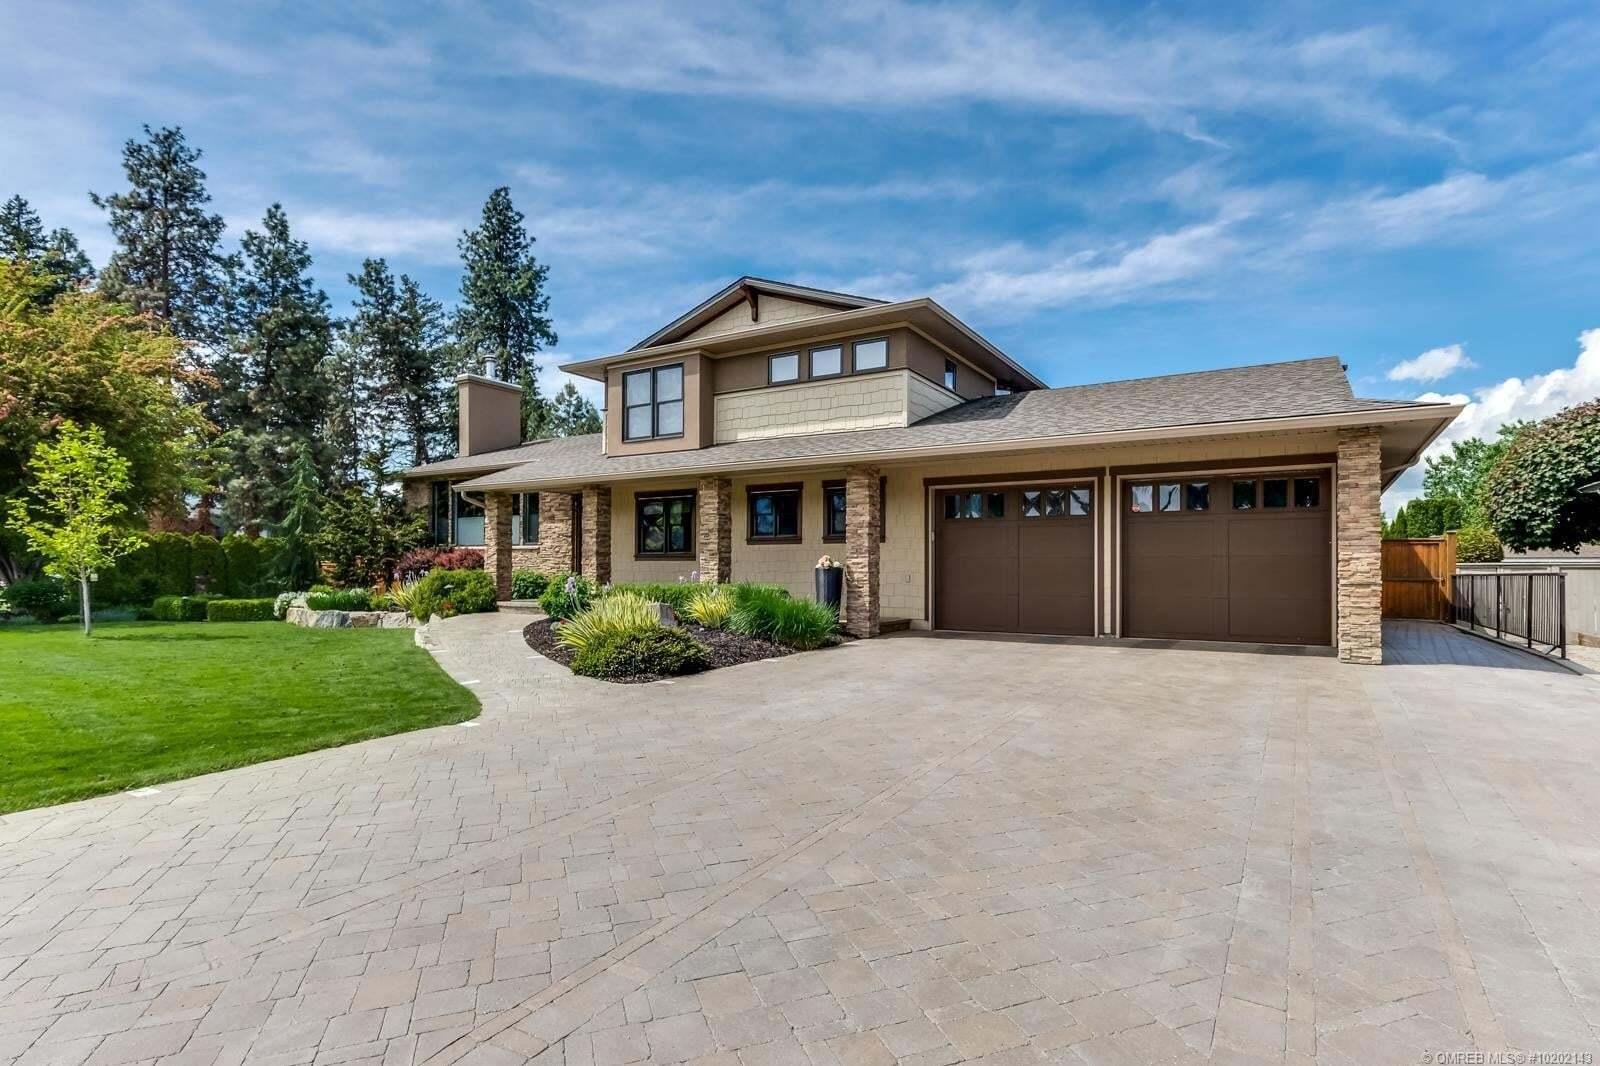 House for sale at 4362 Kensington Dr Kelowna British Columbia - MLS: 10202143